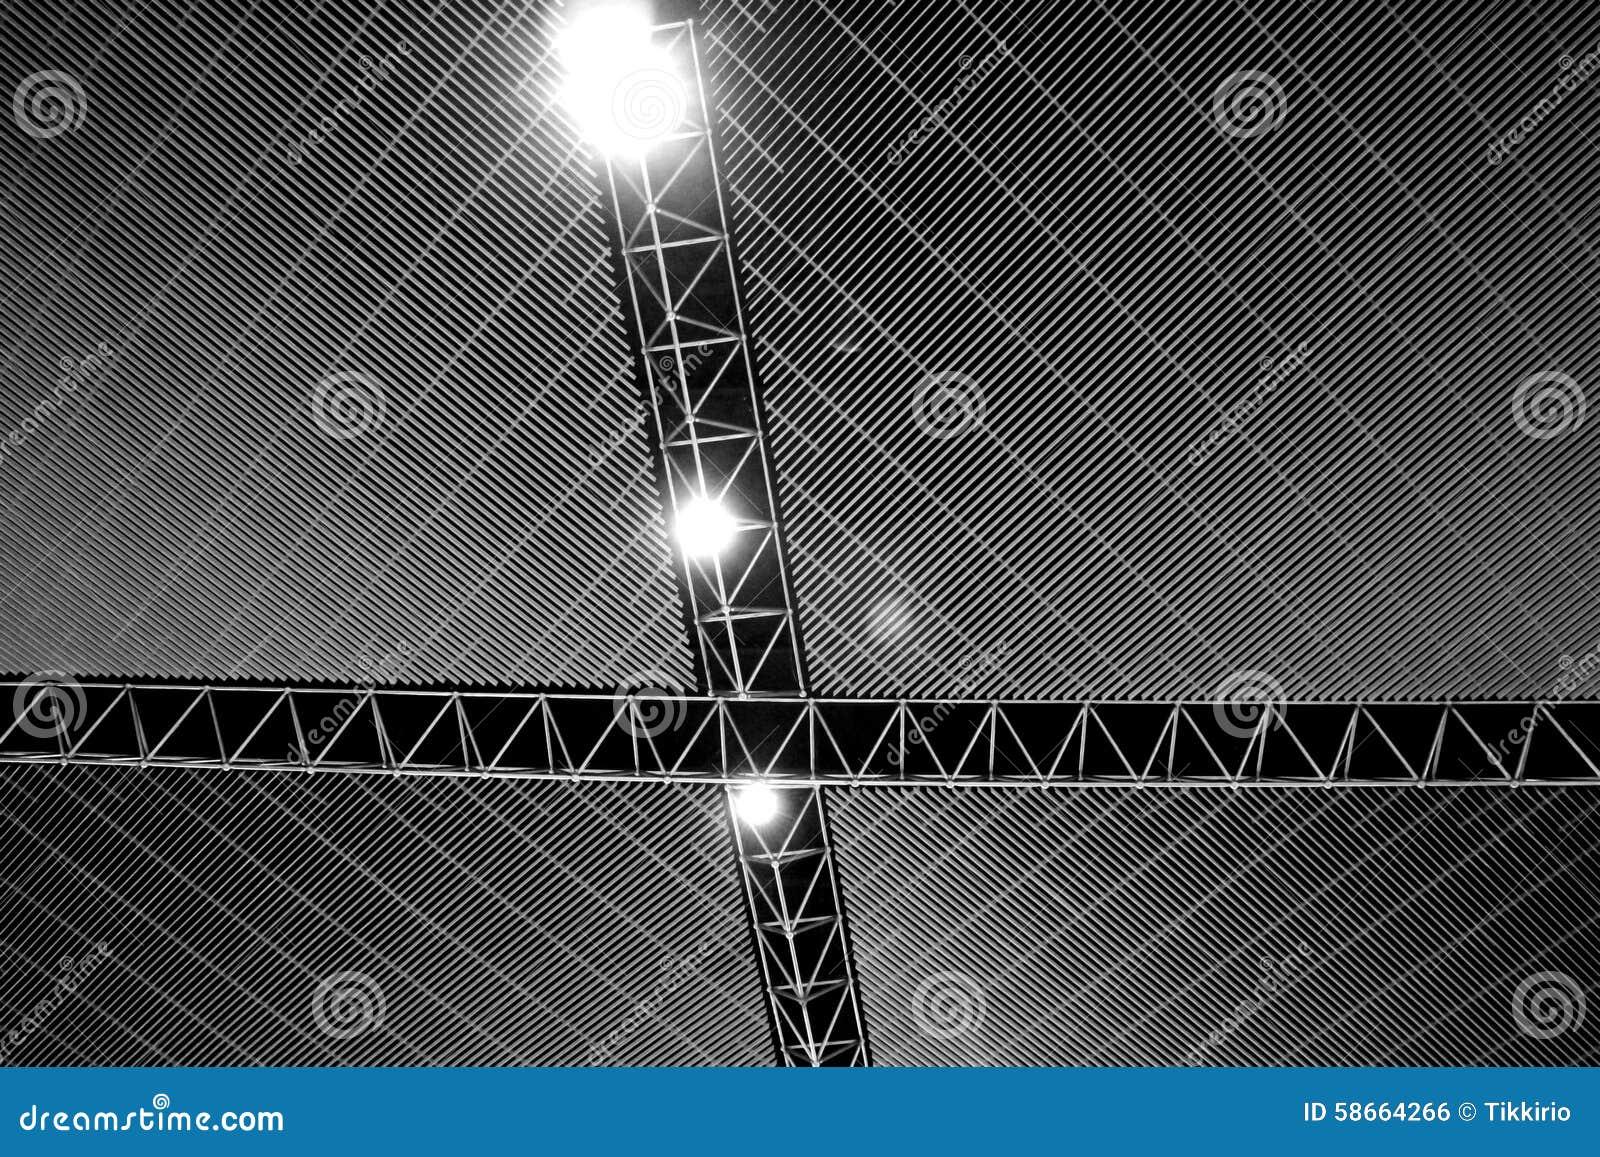 Plafoniere Tetto : Linee rette del tetto della struttura d acciaio plafoniere